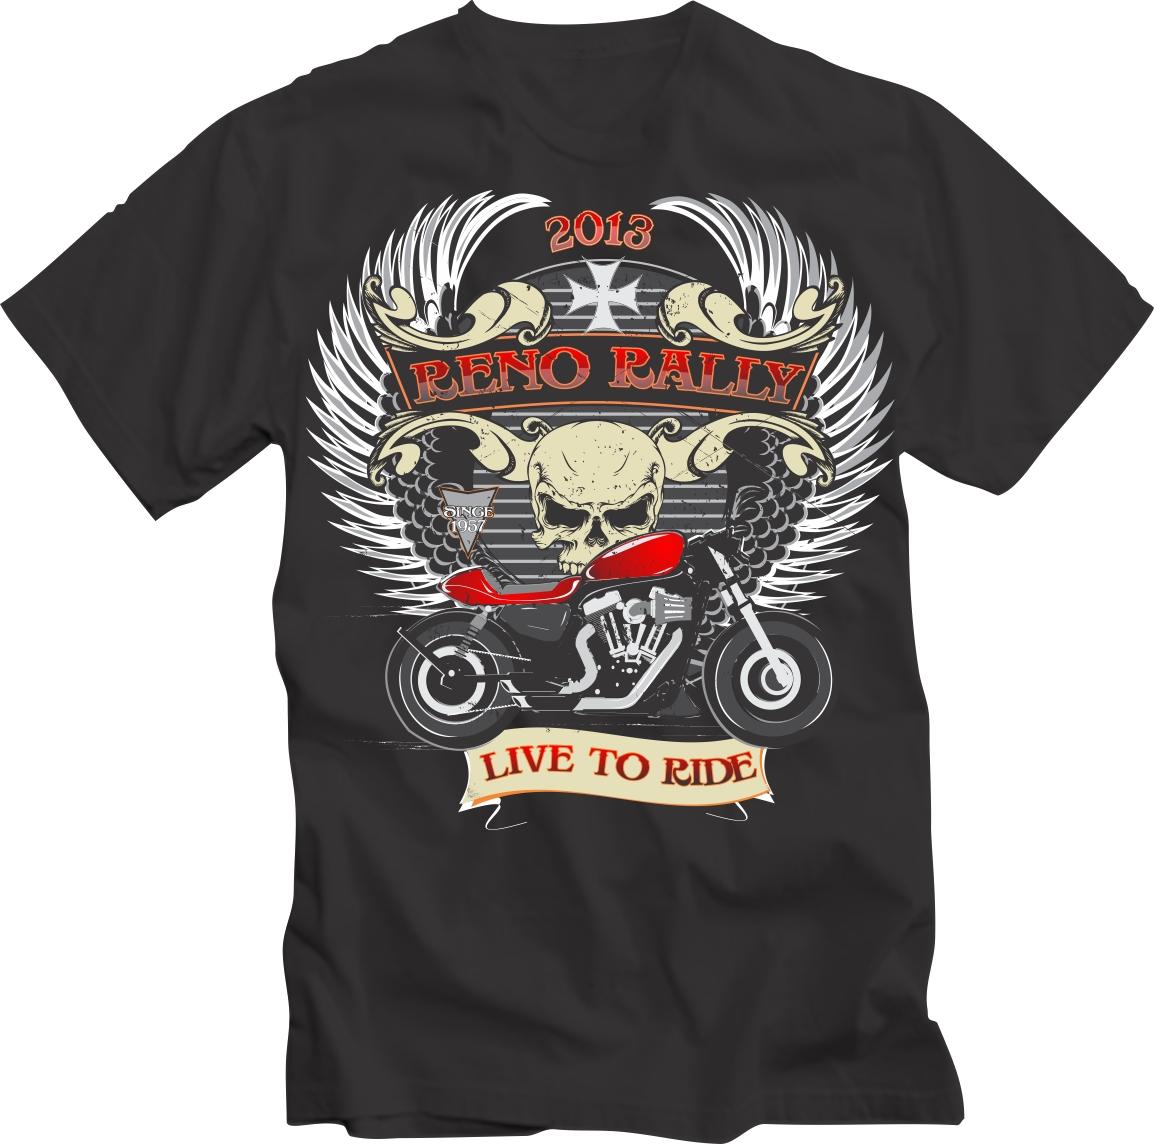 T shirt design for a company by mojokumanovo design 2338902 for Business t shirt design